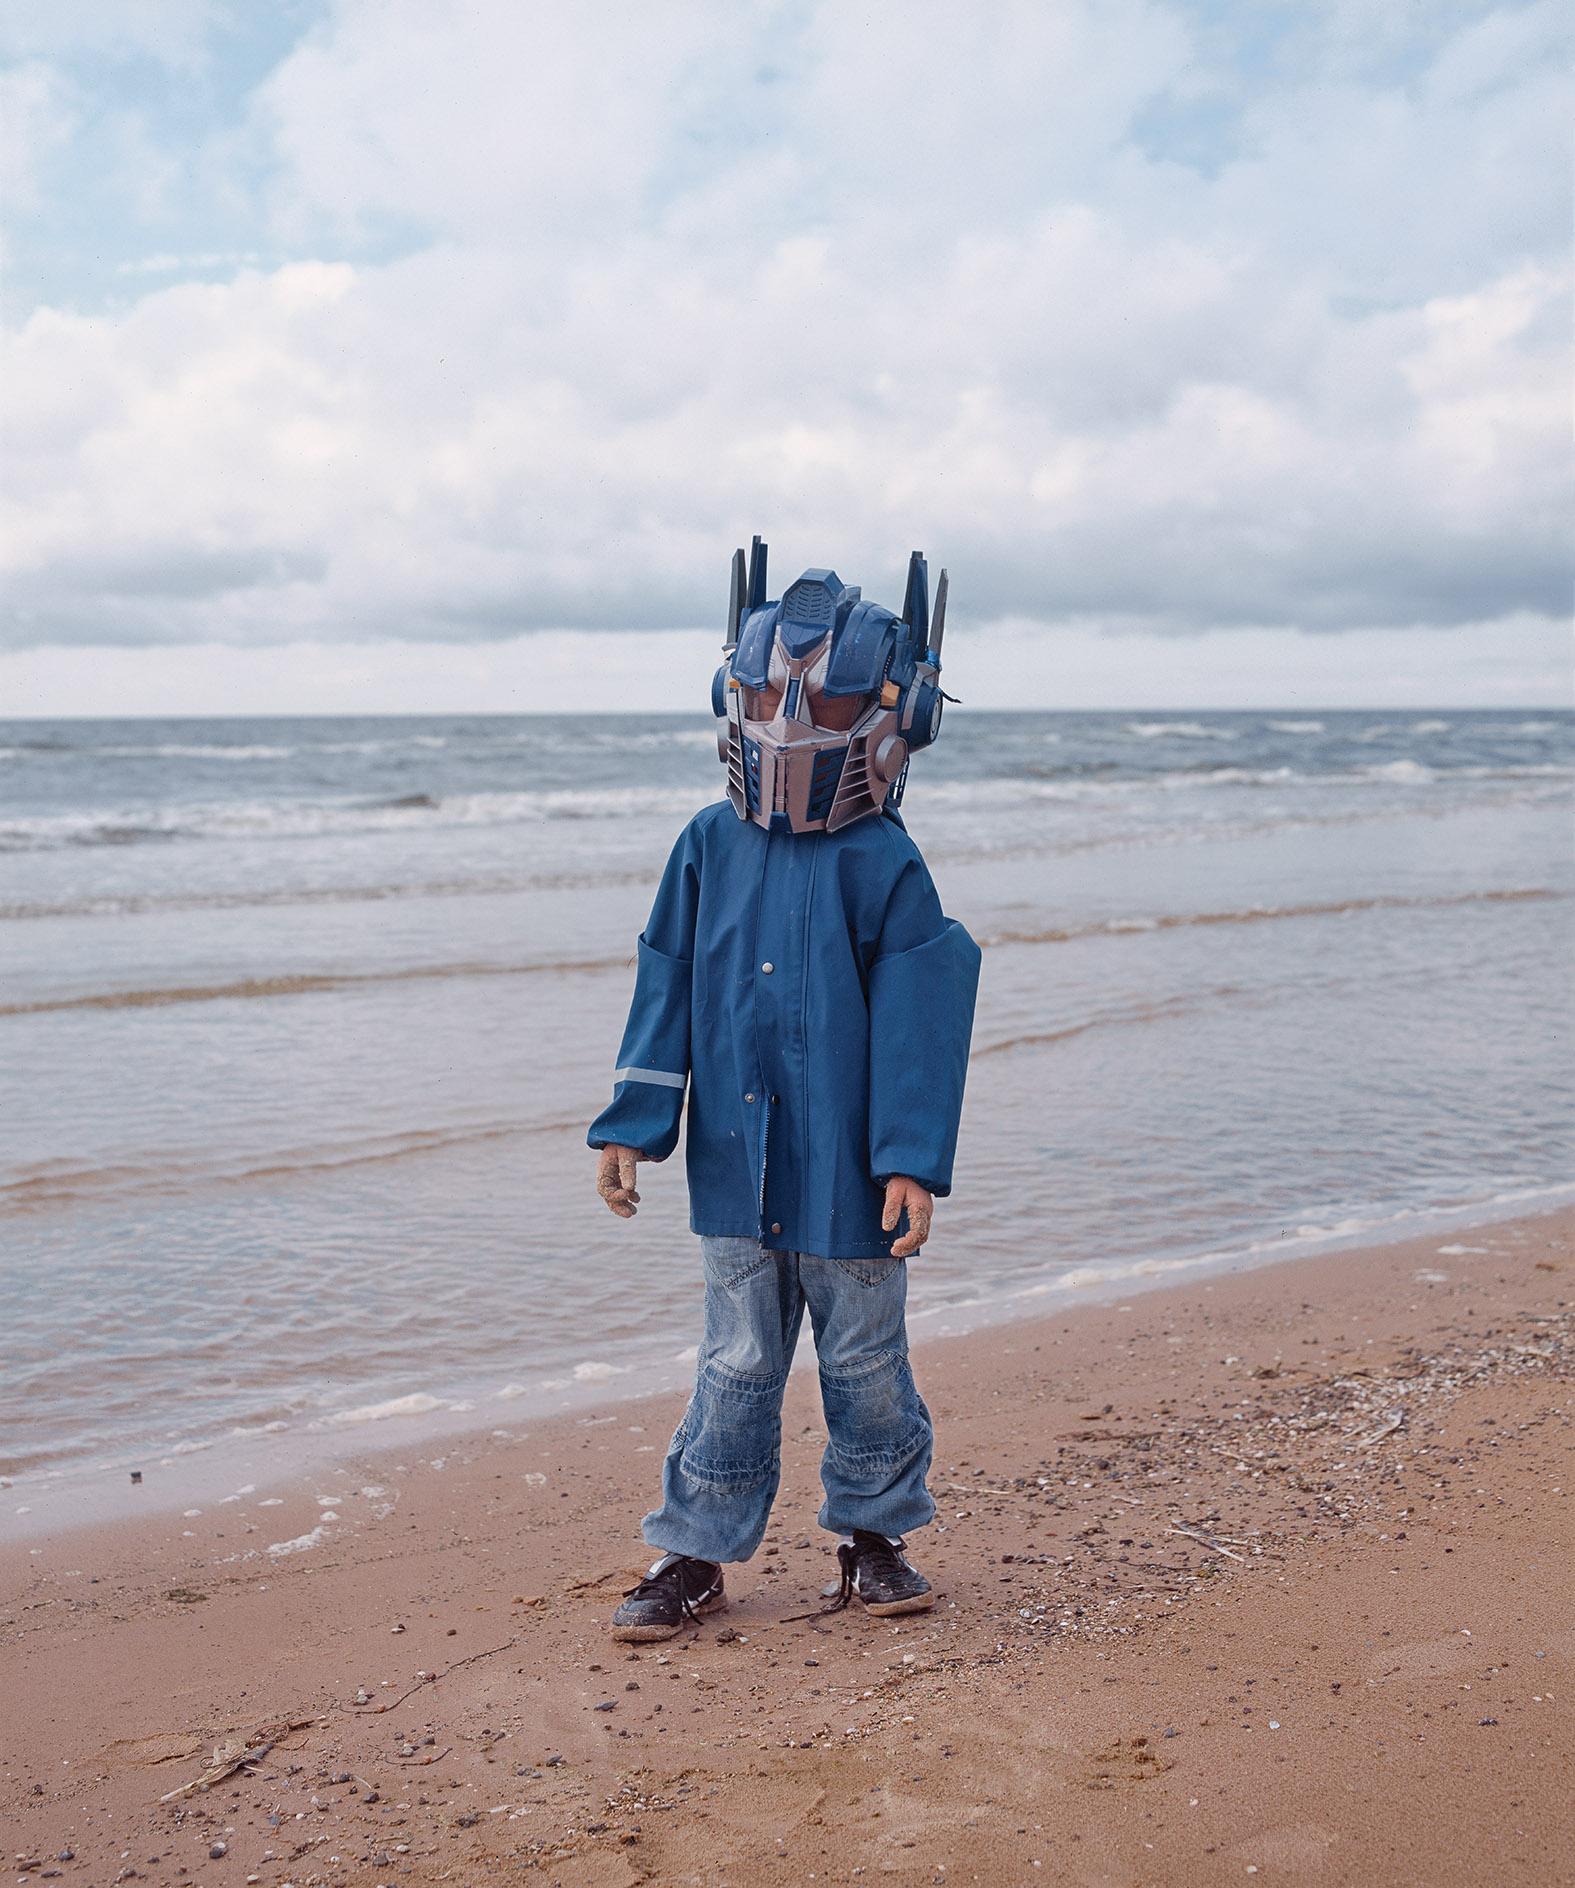 Kudász Gábor Arion: Optimus Prime at Saulkrasti